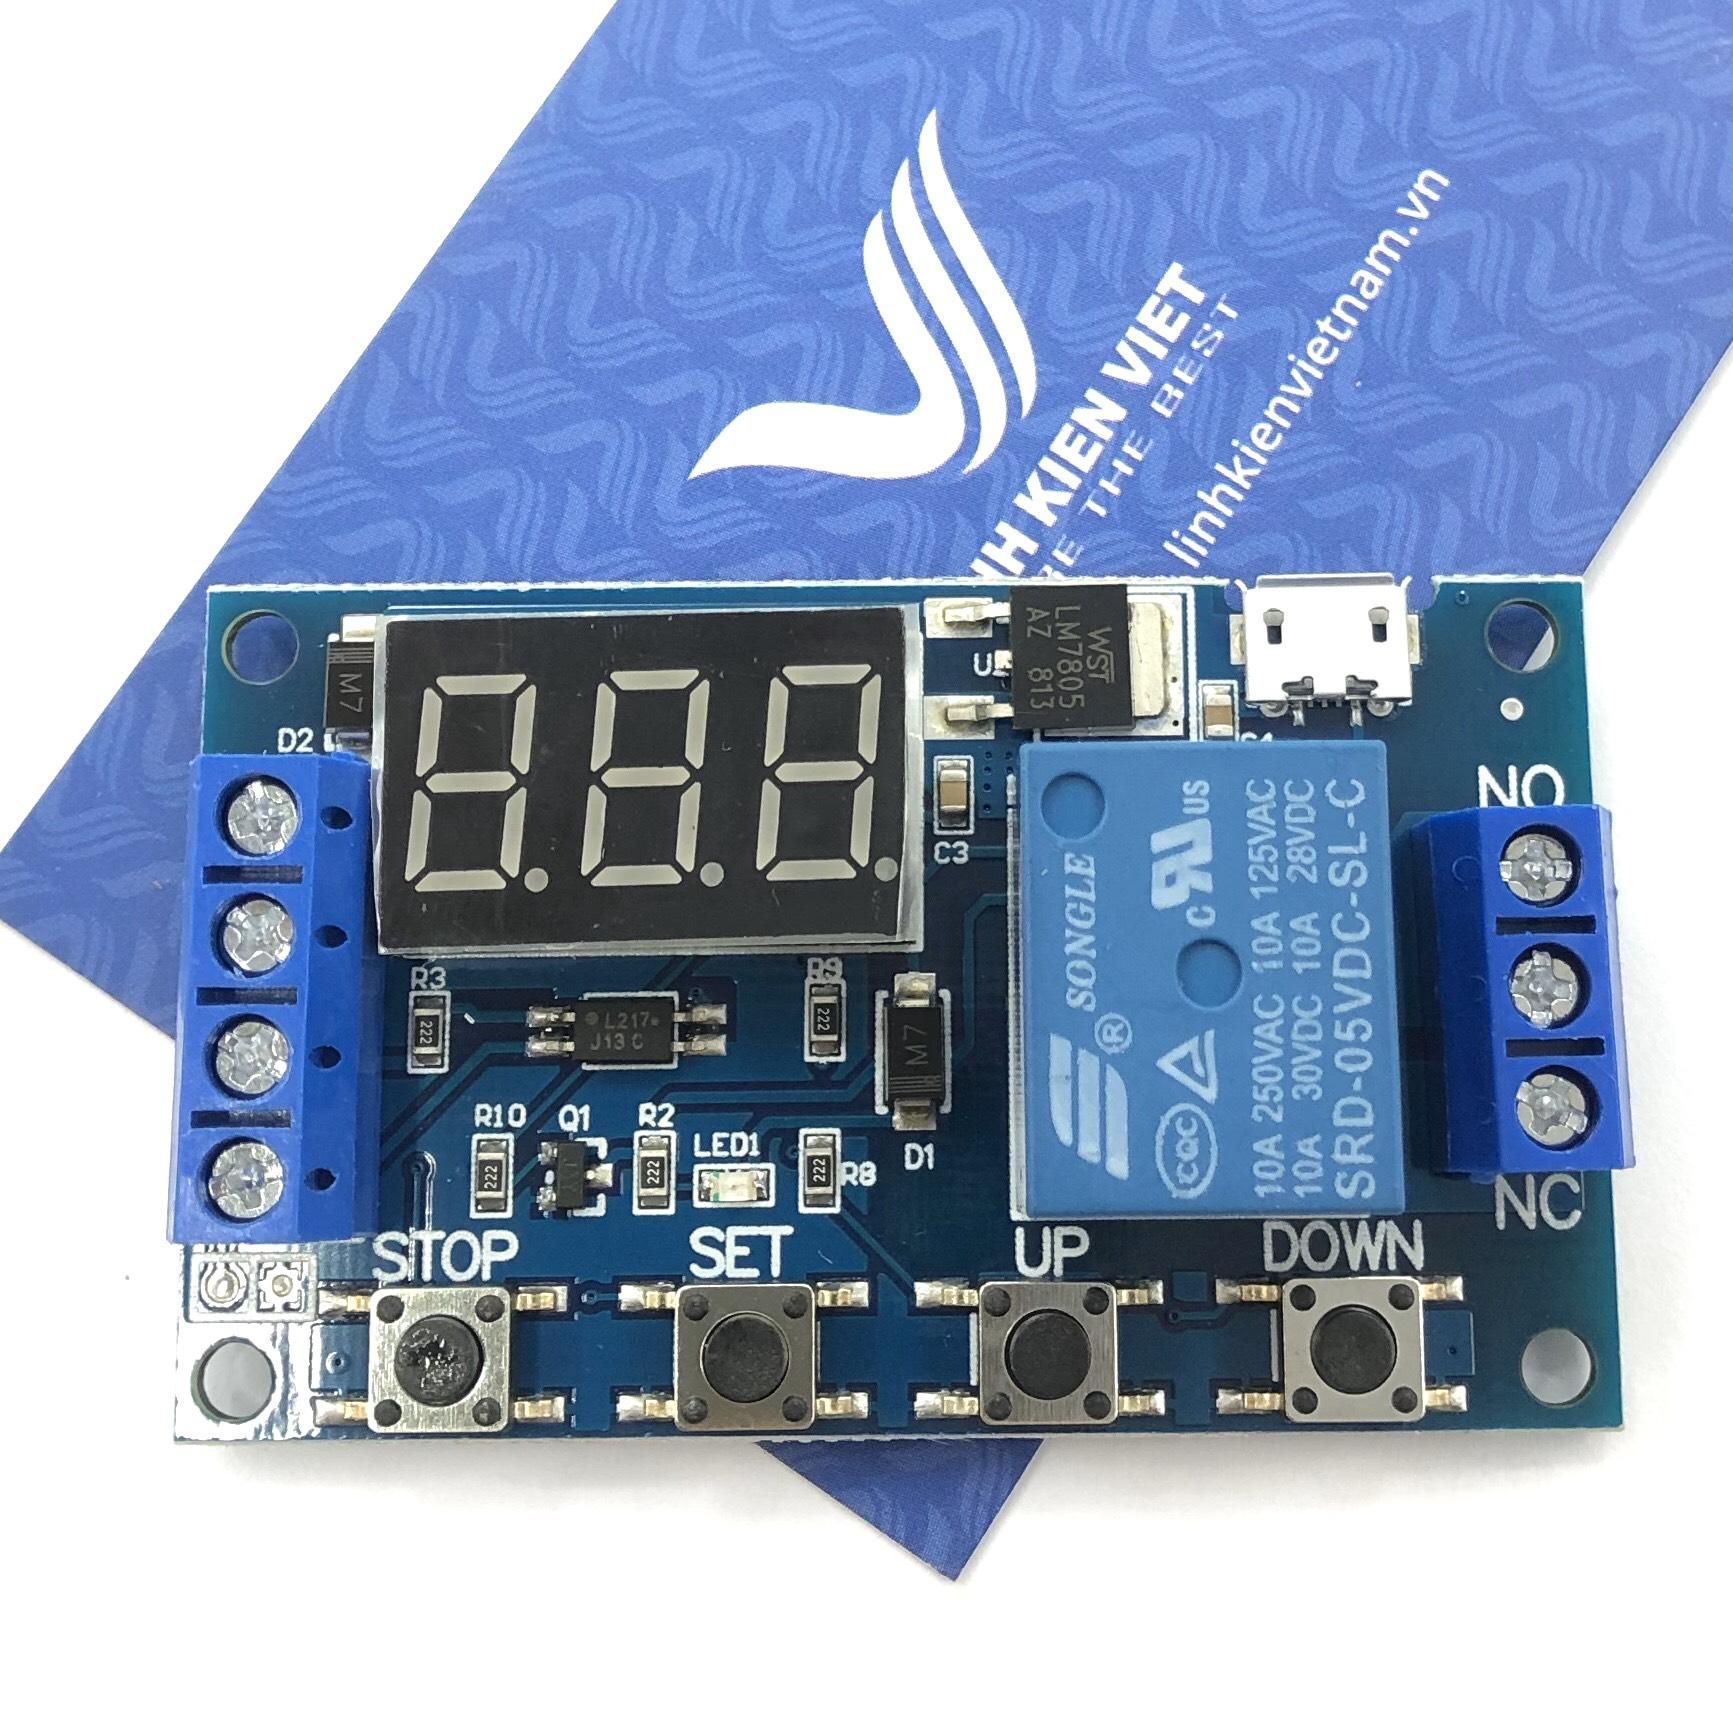 Mạch tạo trễ đóng ngắt nhiều chế độ JZ-801 / Module delay nhiều chức năng - i6H21